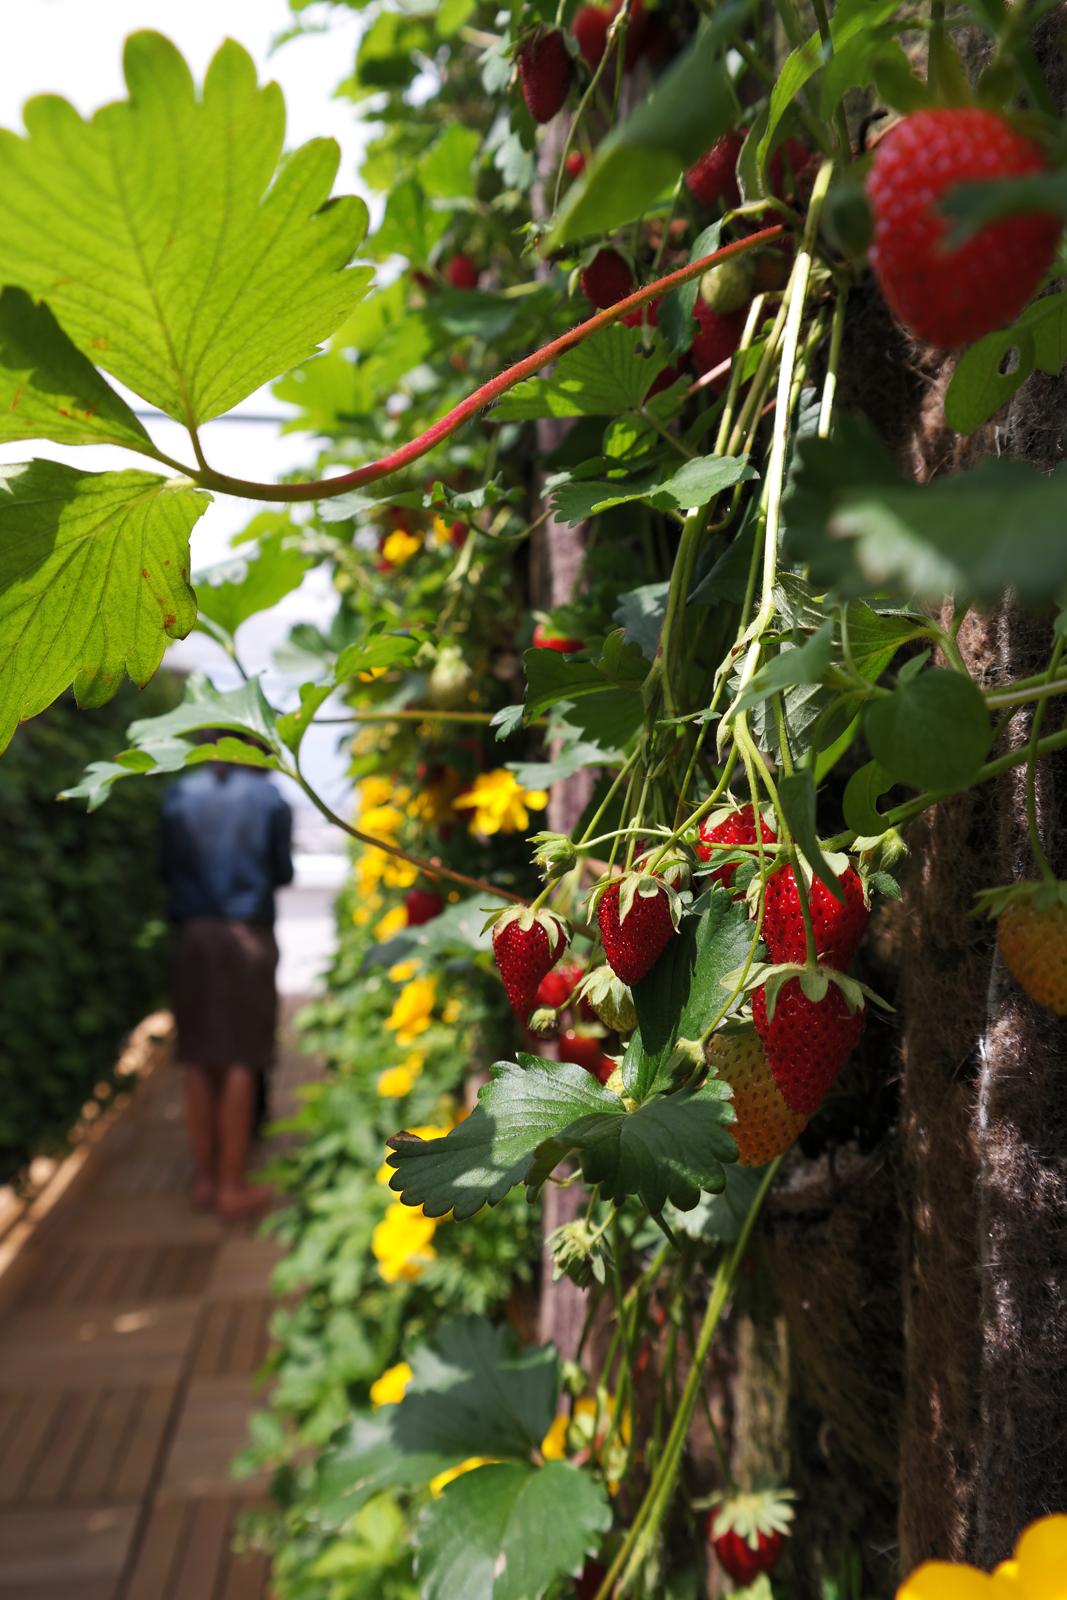 galeries lafayette paris innovation des fraises avec vue sur la tour eiffel. Black Bedroom Furniture Sets. Home Design Ideas